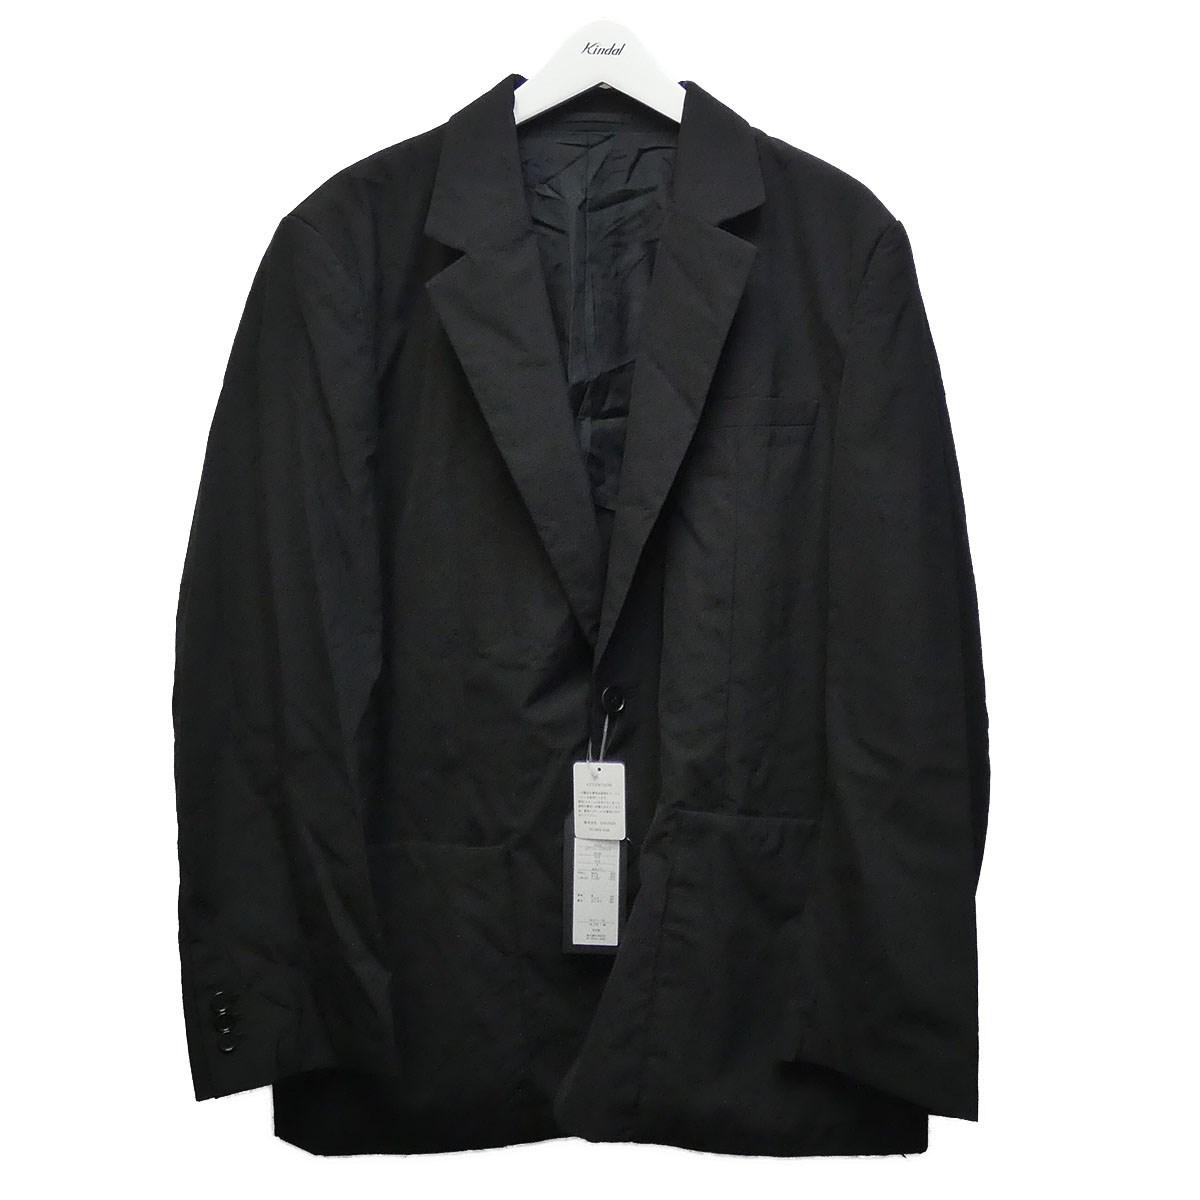 【中古】UNUSED 20SS 「Wool Silk 2 Buttons Jacket」テーラードジャケット ブラック サイズ:3 【020720】(アンユーズド)